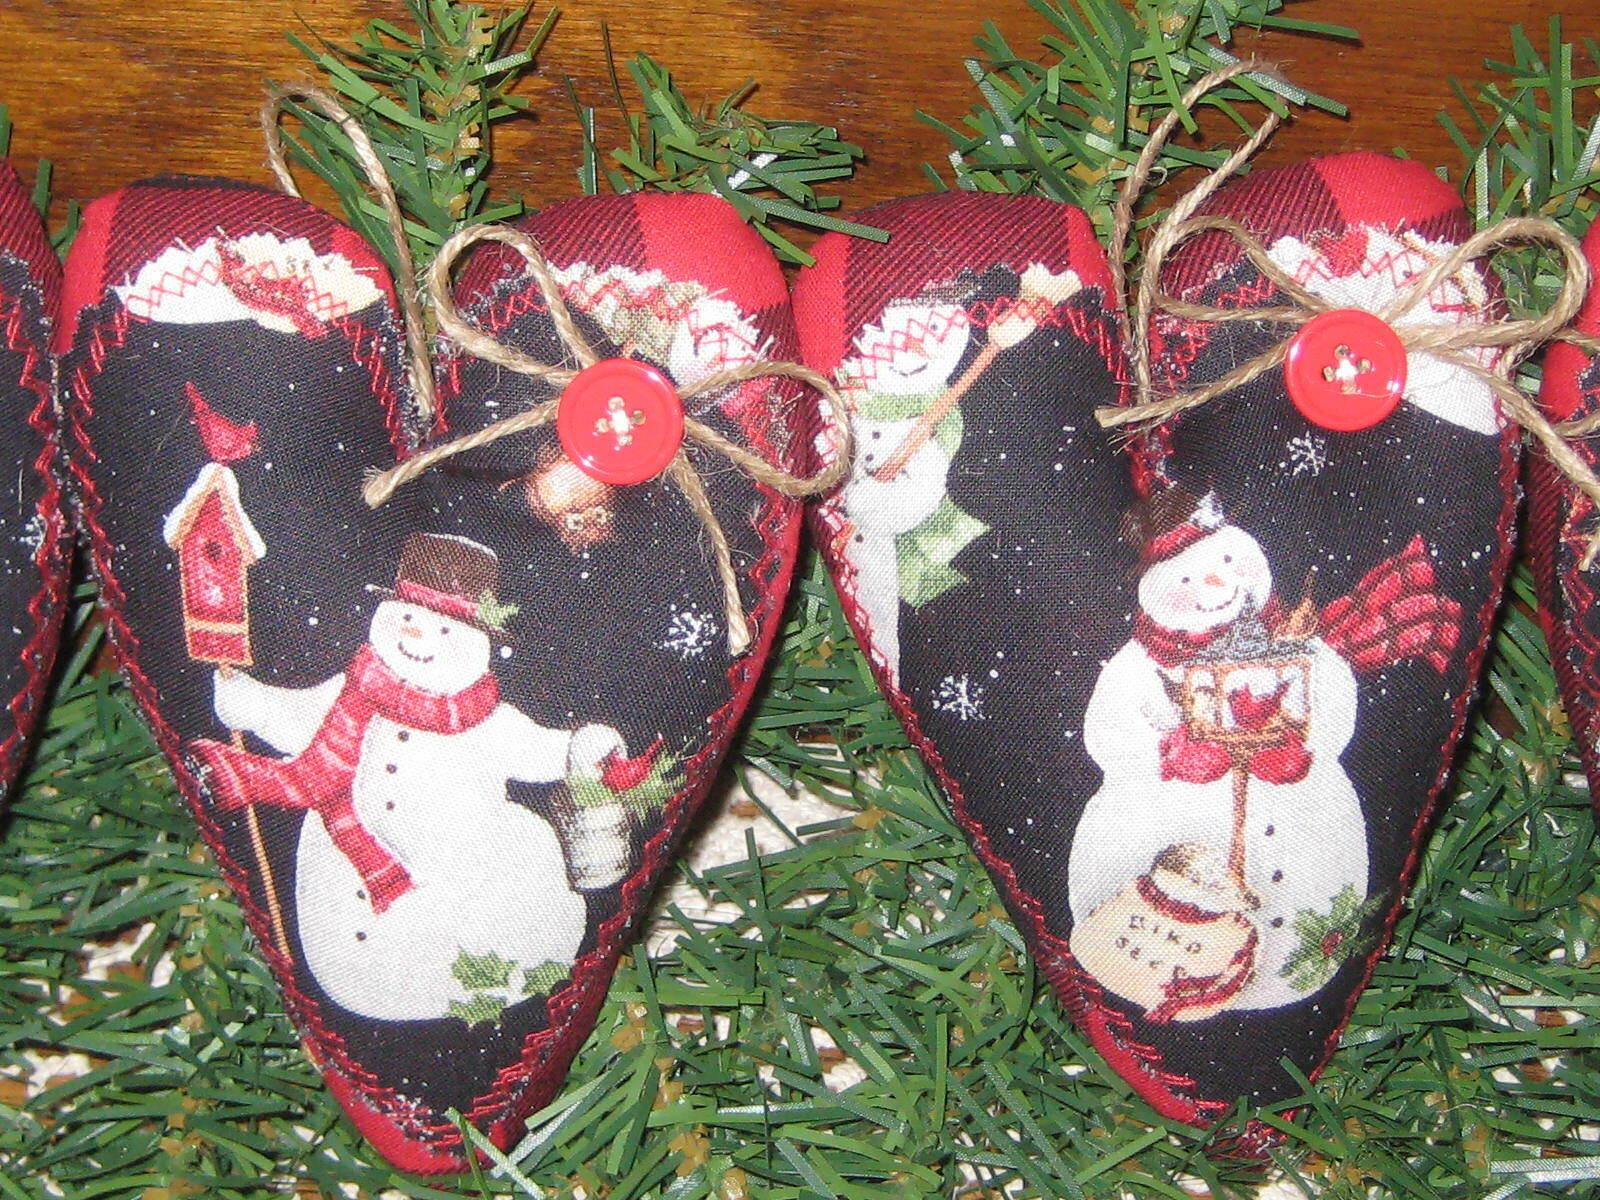 4 Snowmen Hearts Buffalo Plaid Fabric Country Christmas Decor Tree Ornaments - $19.95